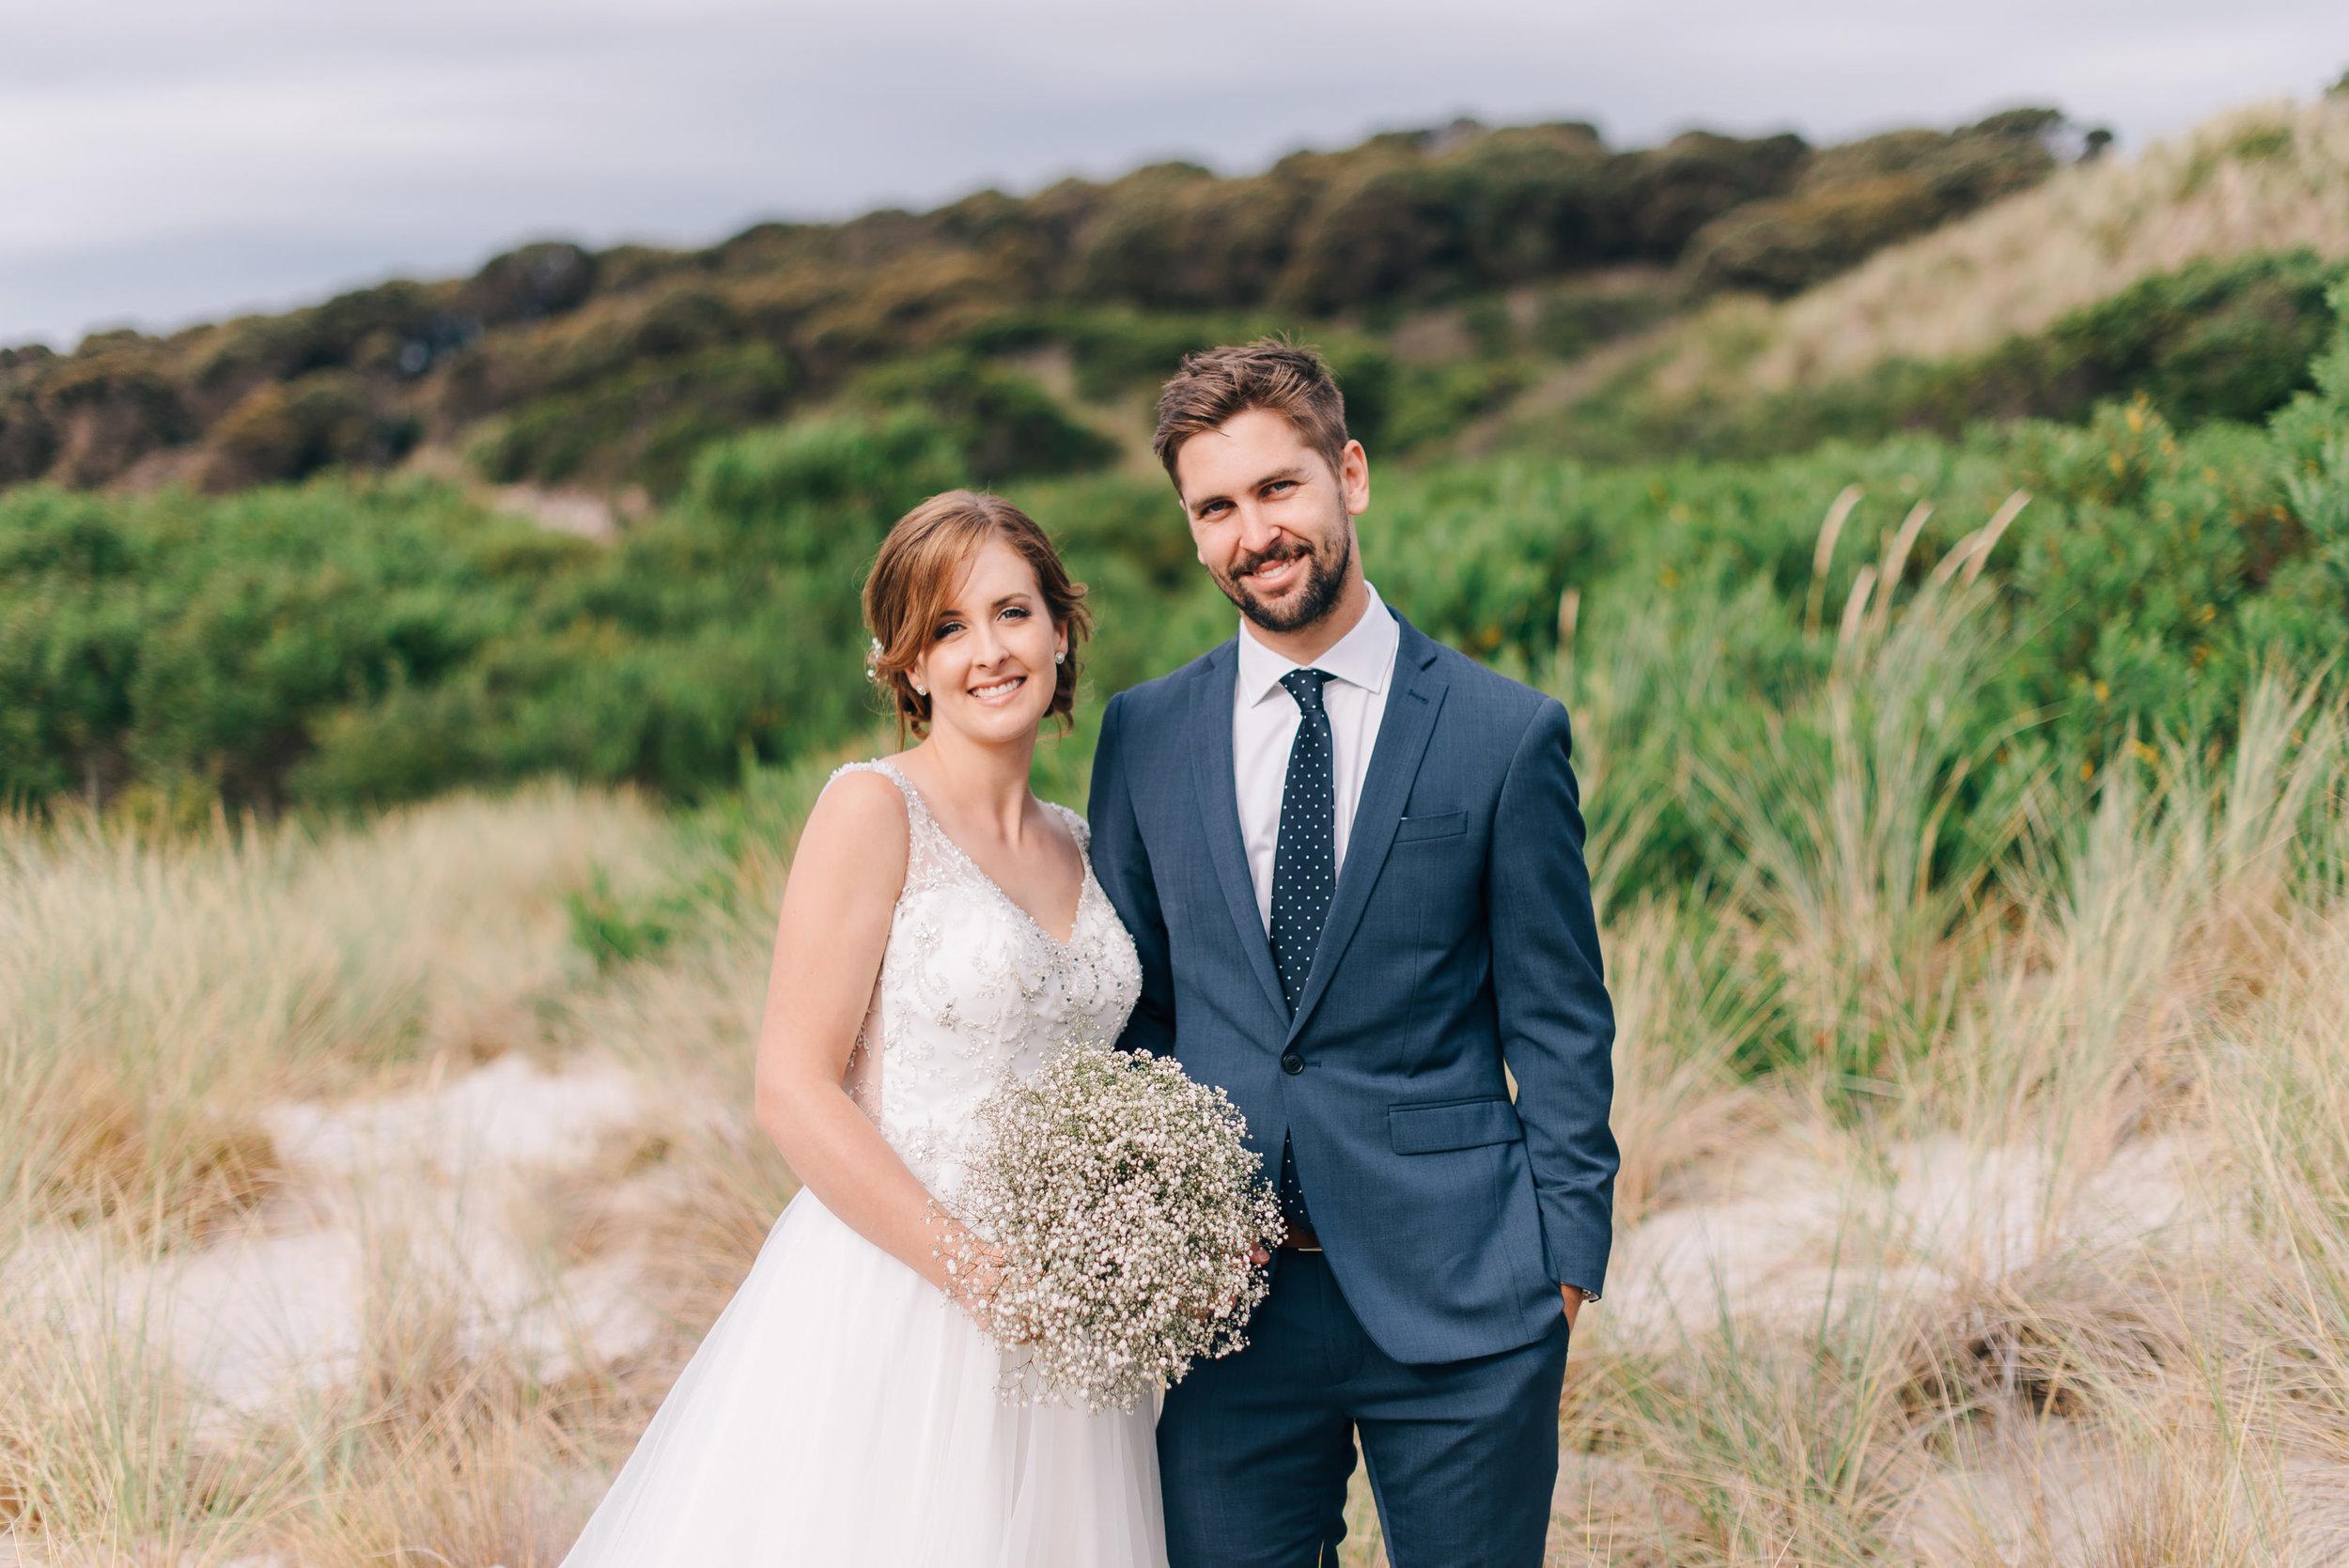 Jessie_Nathan_Wedding-62.jpg